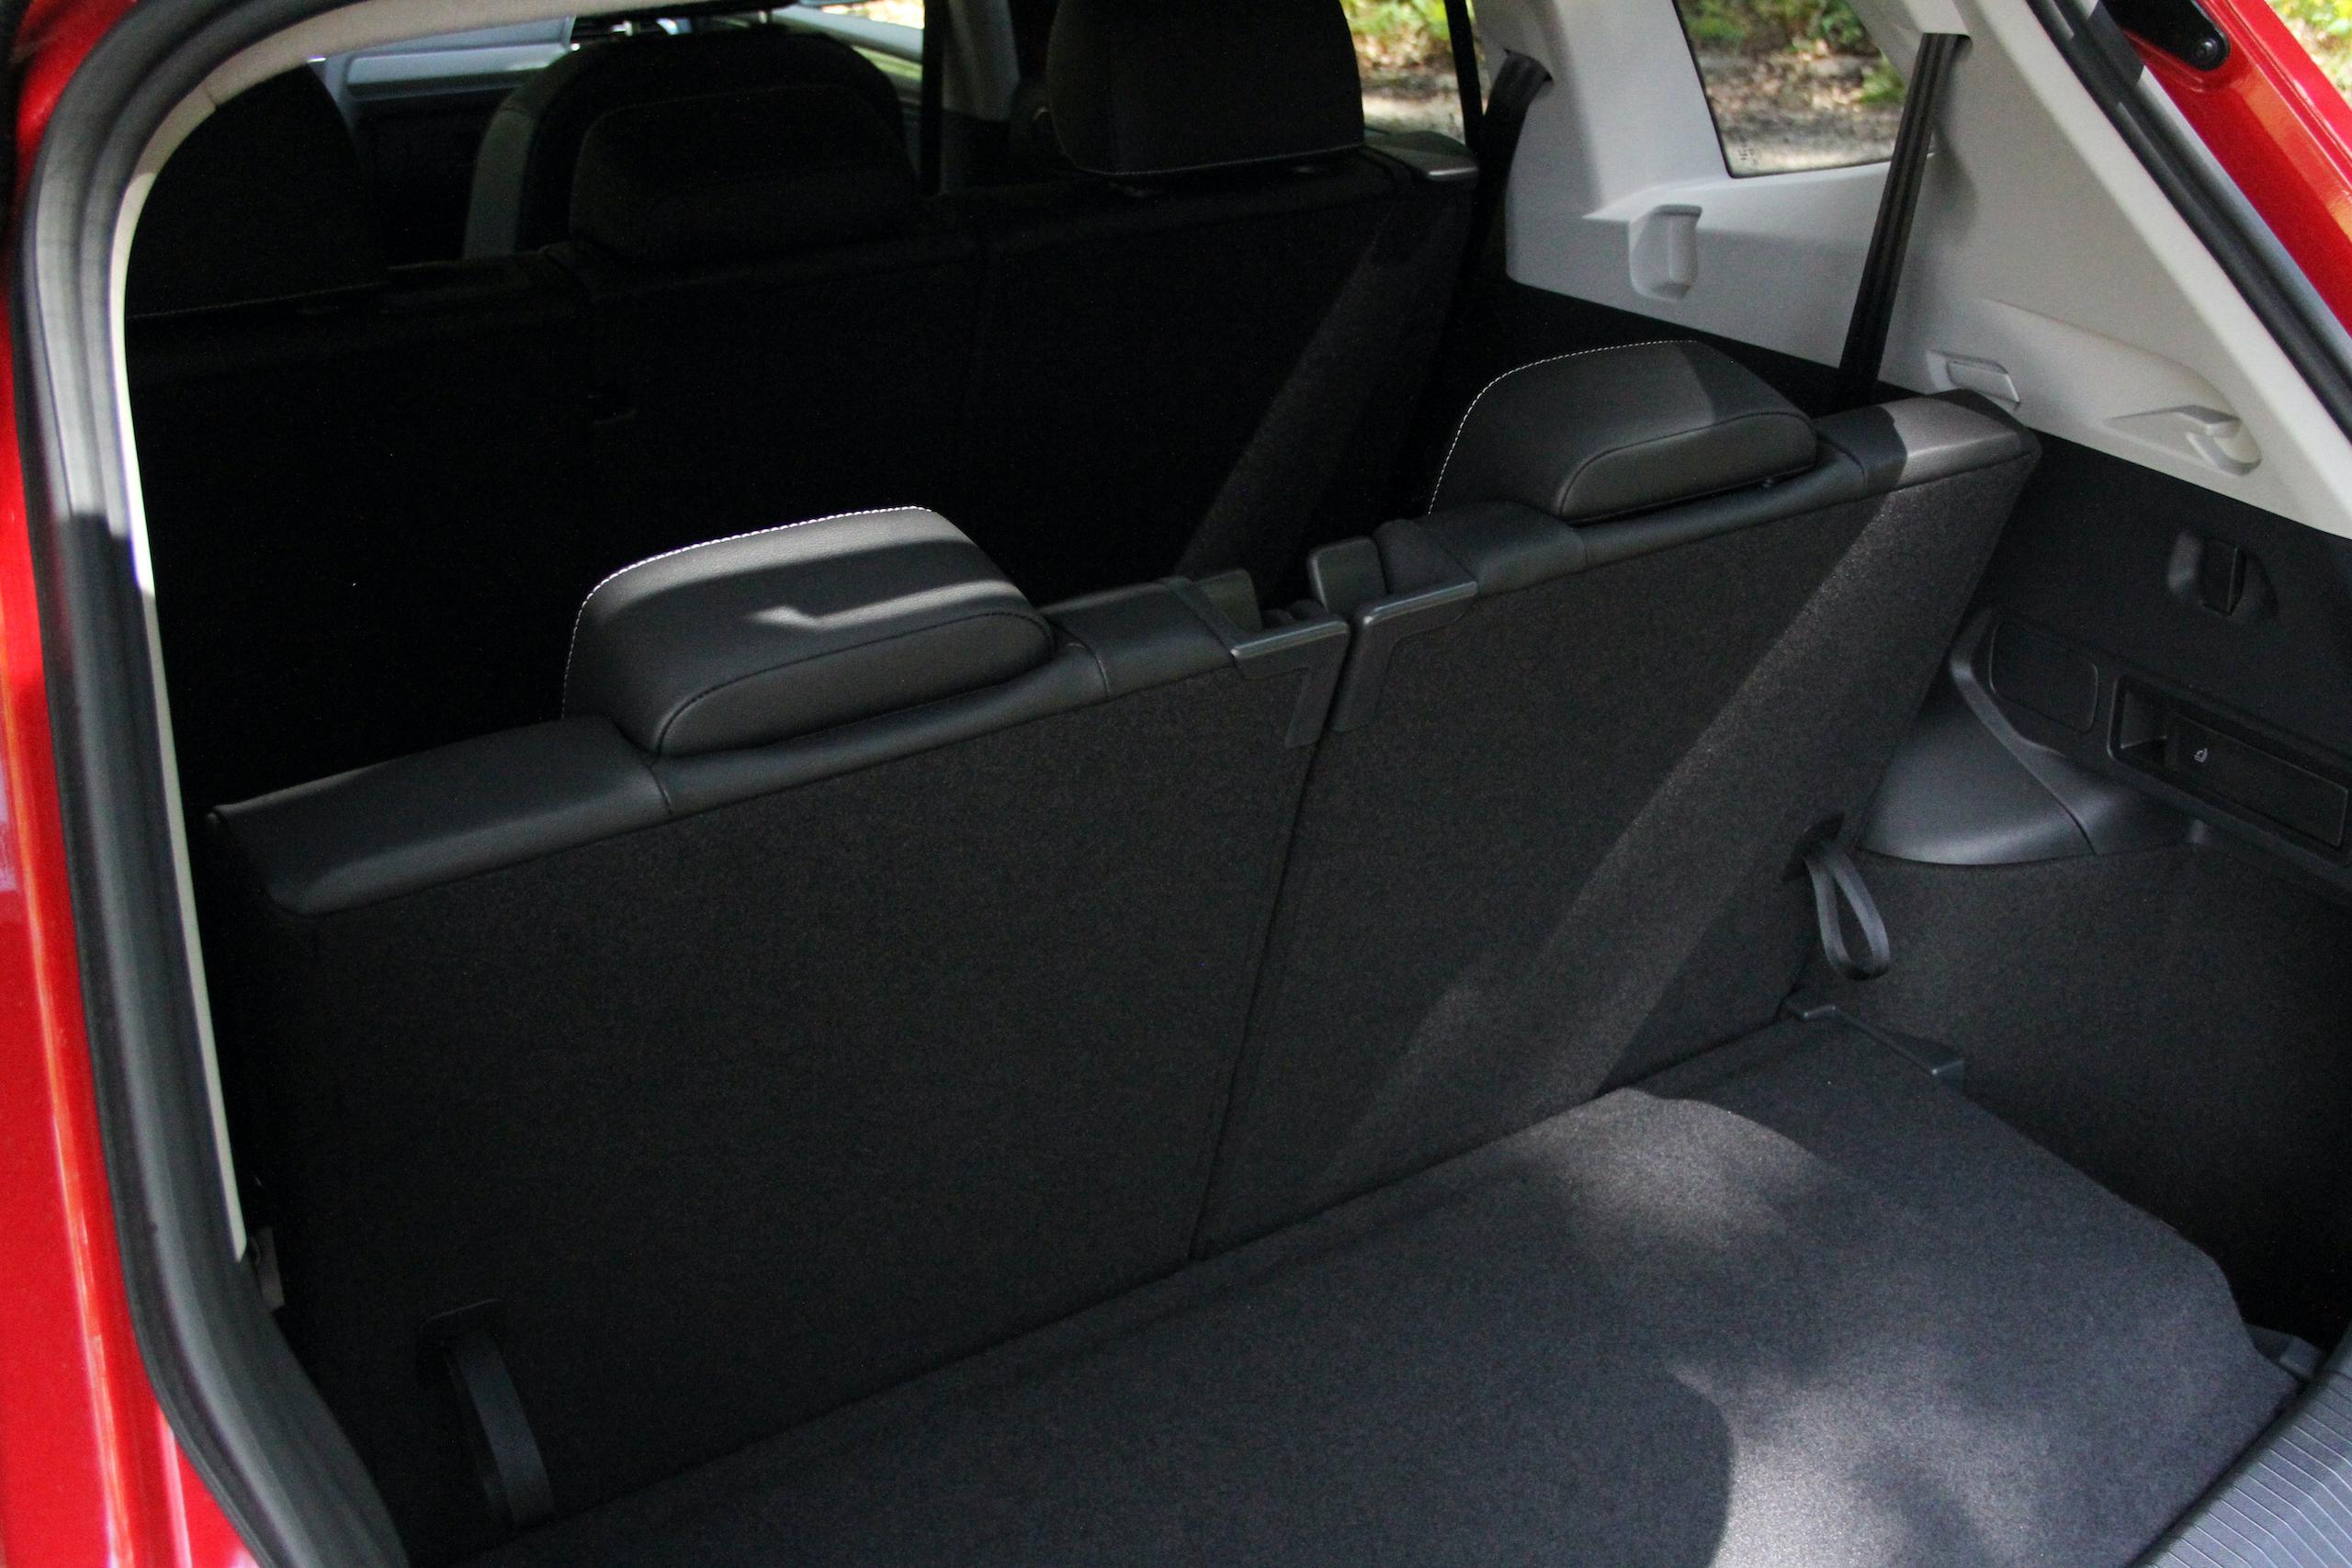 2022 VW Tiguan SE rear third row seat cargo